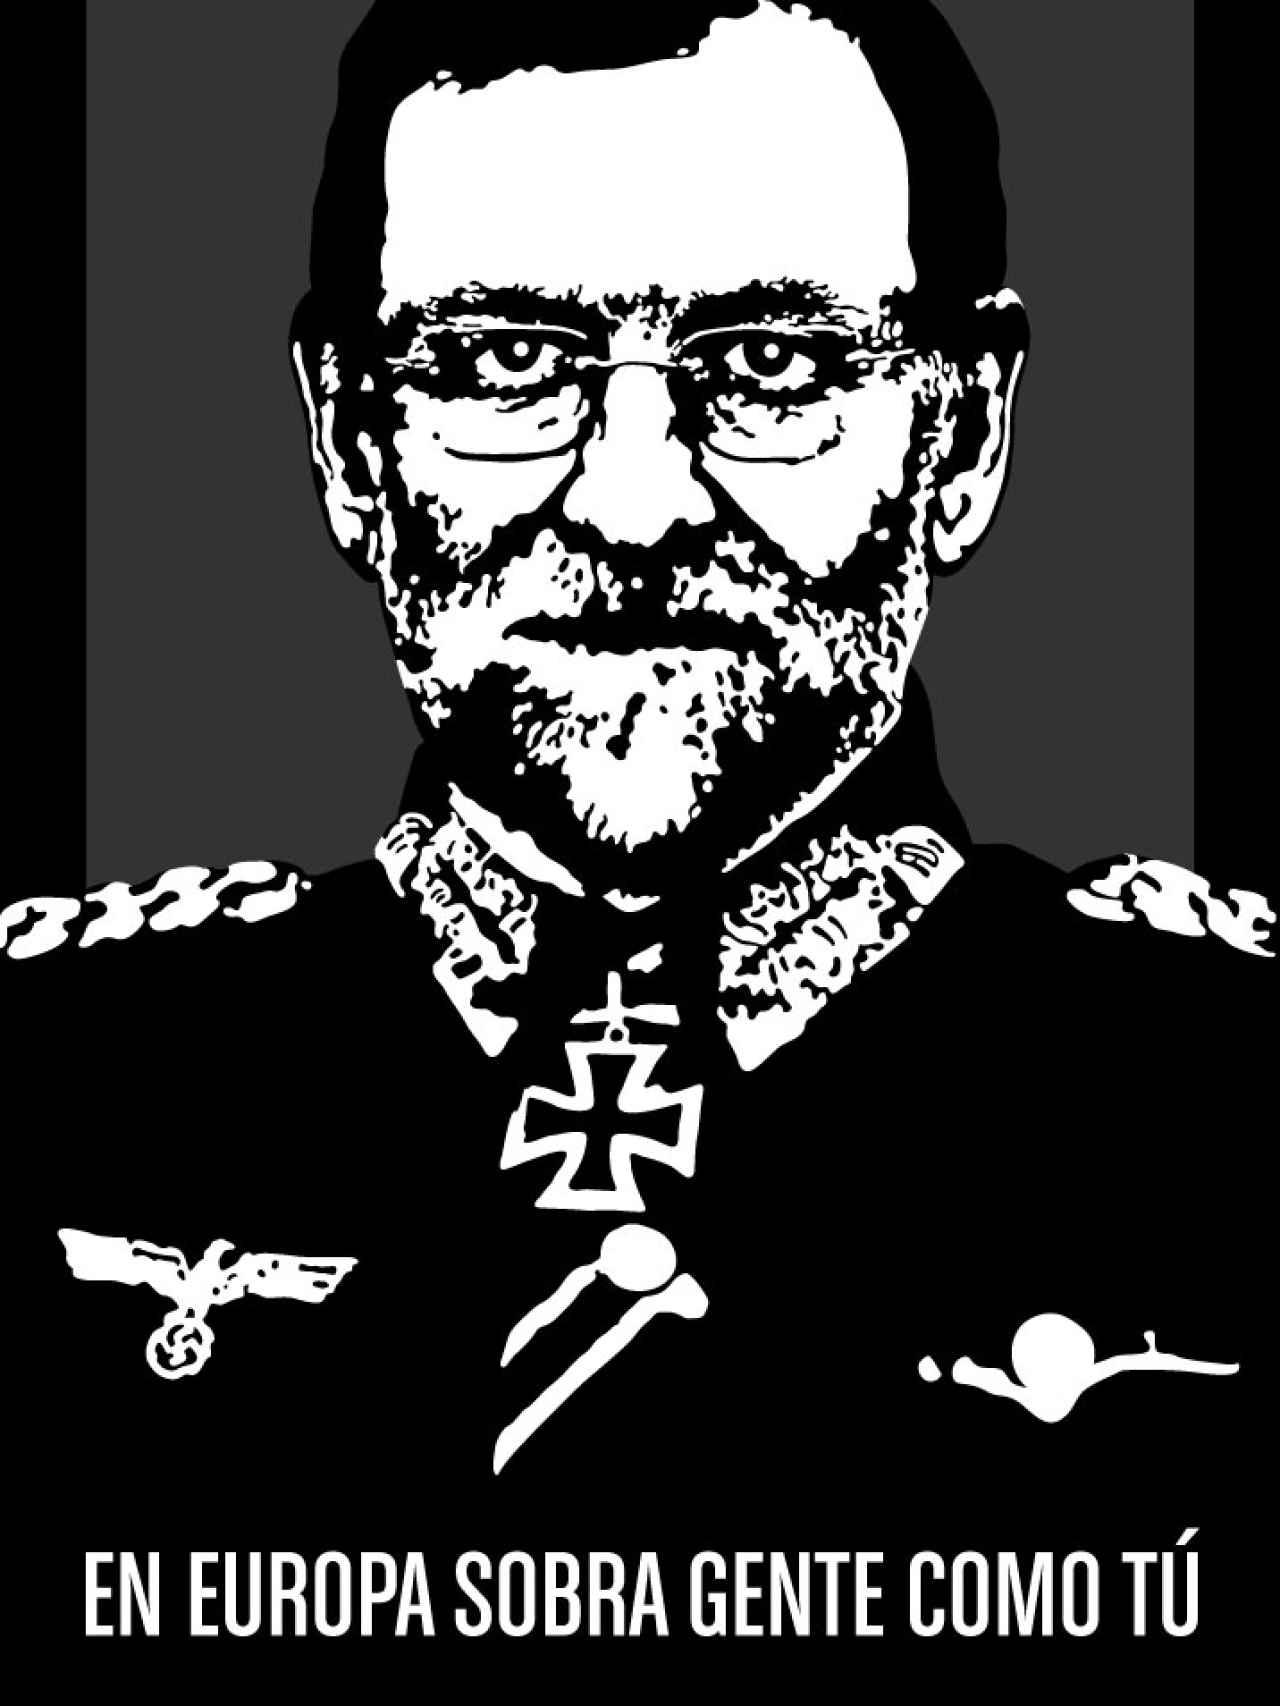 Rajoy de Führer. Lo acompañaba la rúbrica En Europa sobra gente como tú. Por Noaz.